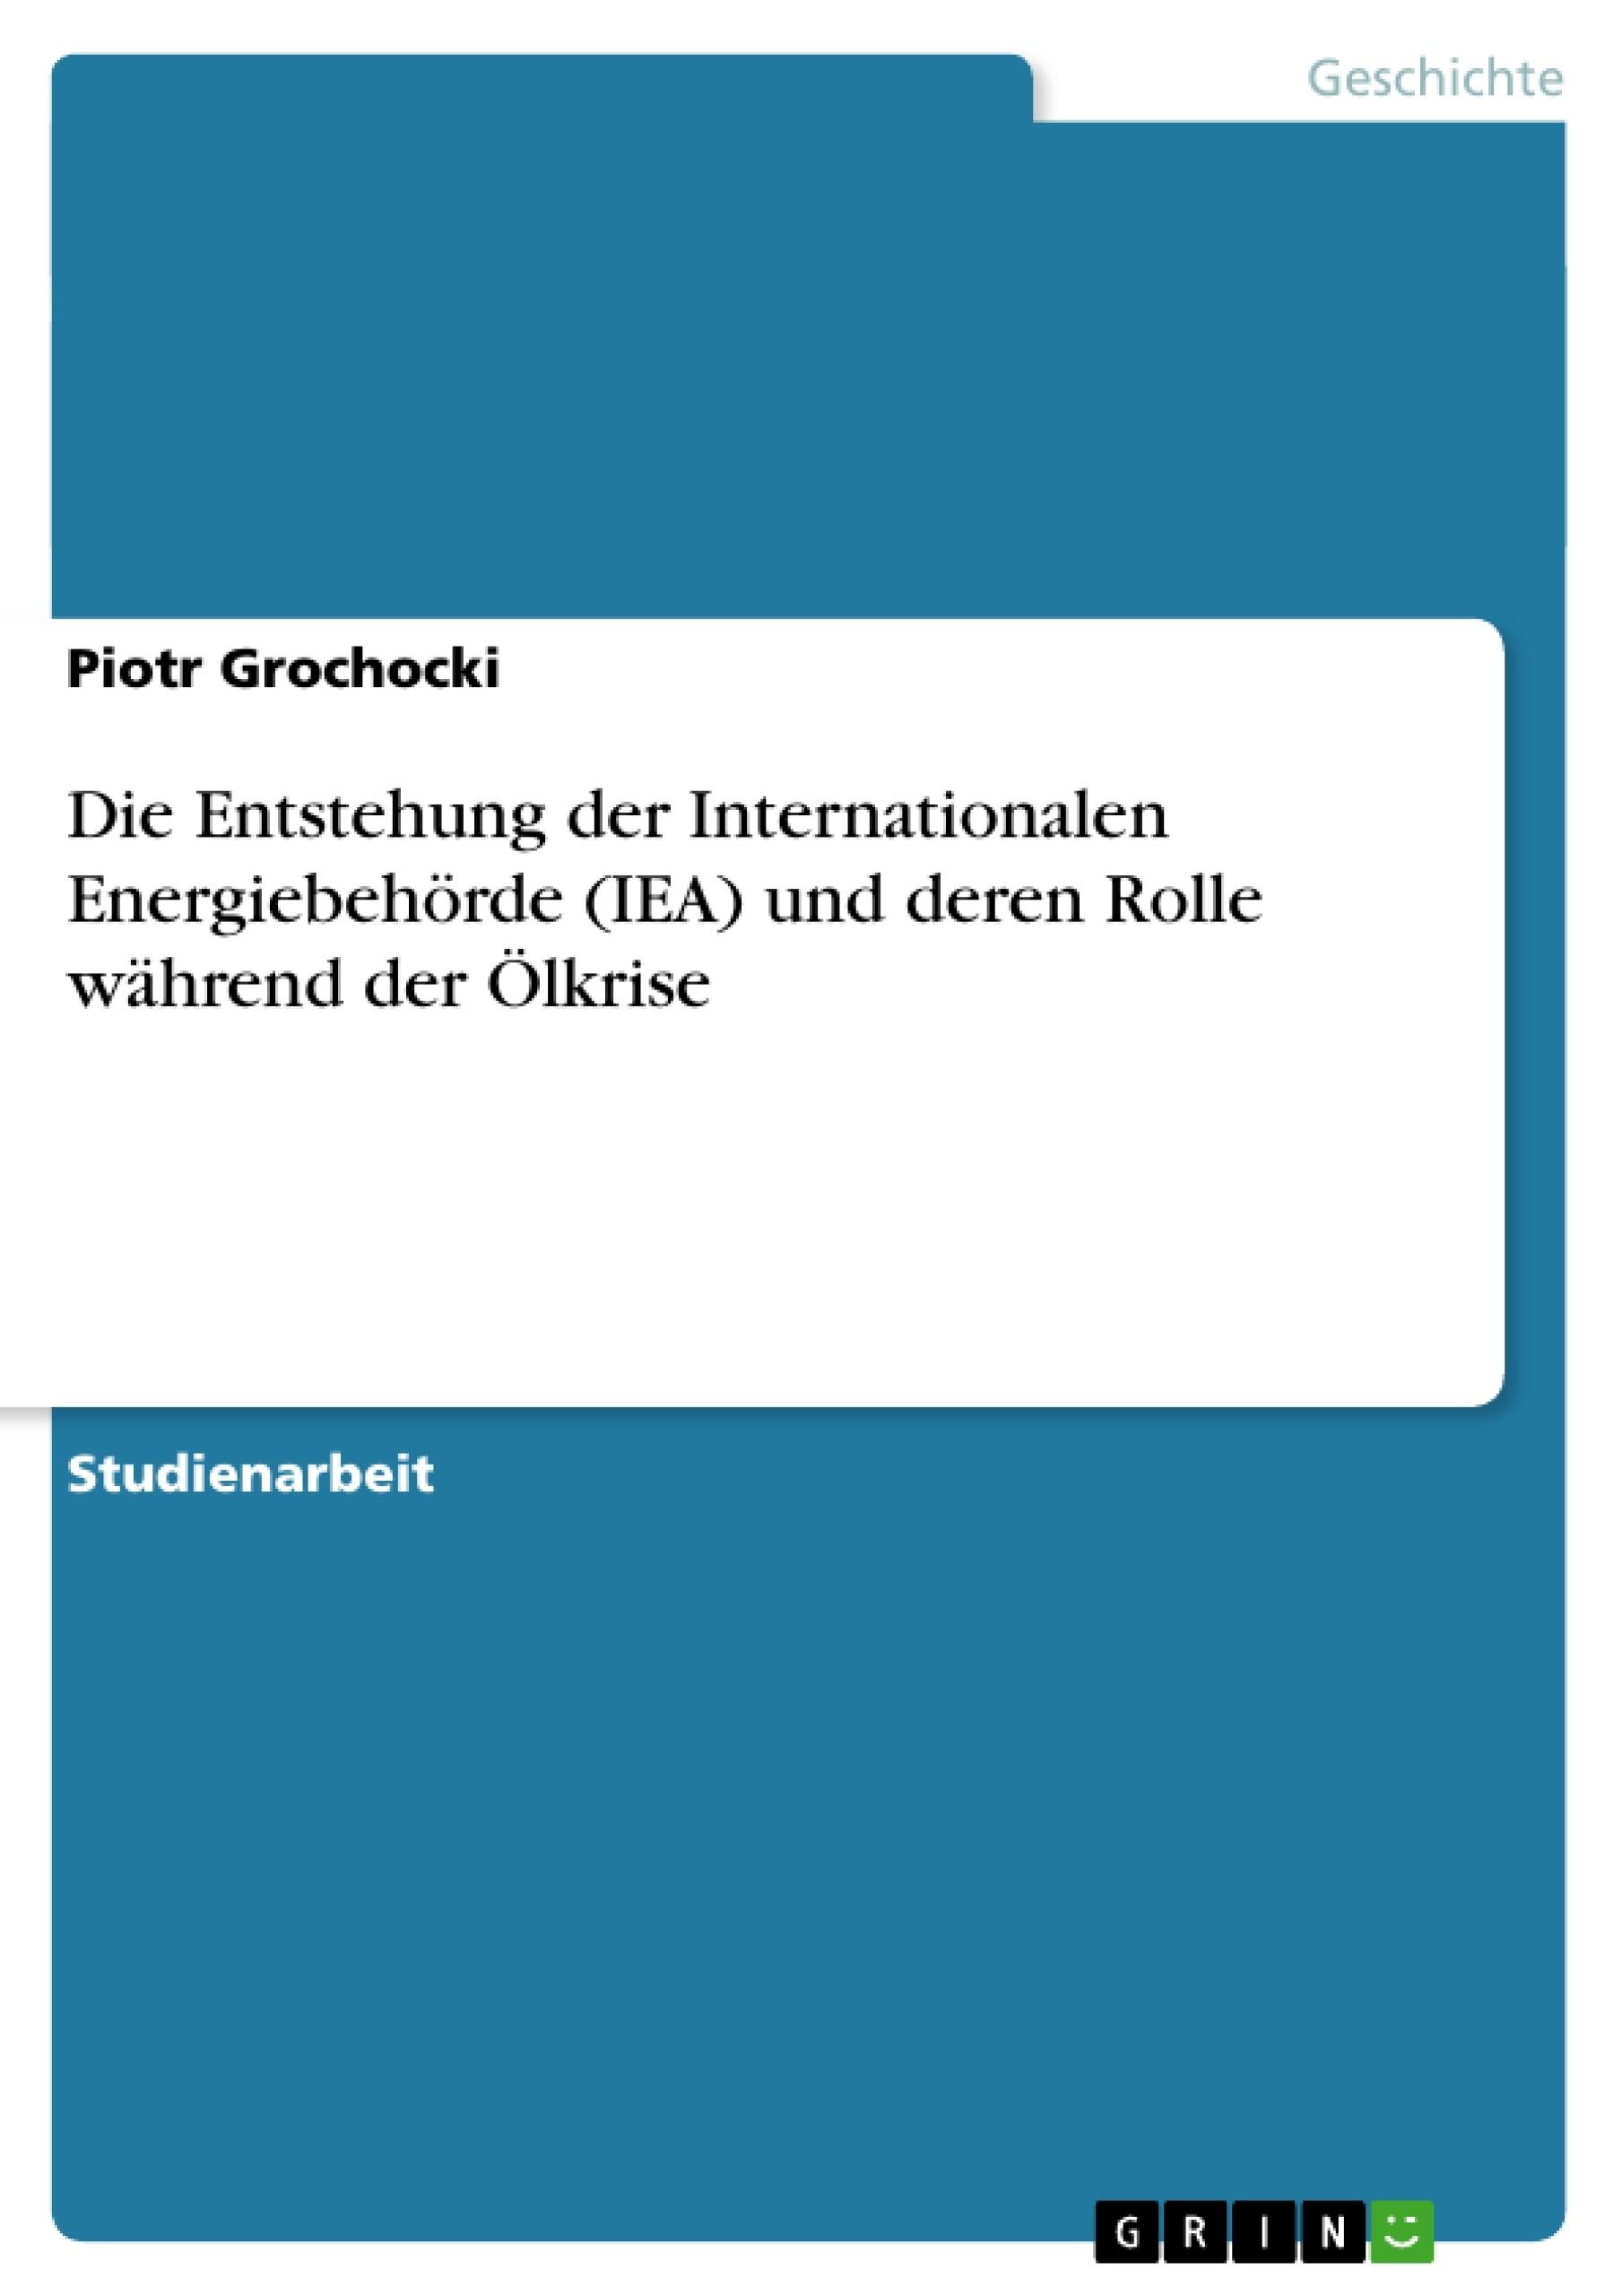 Titel: Die Entstehung der Internationalen Energiebehörde (IEA) und deren Rolle während der Ölkrise